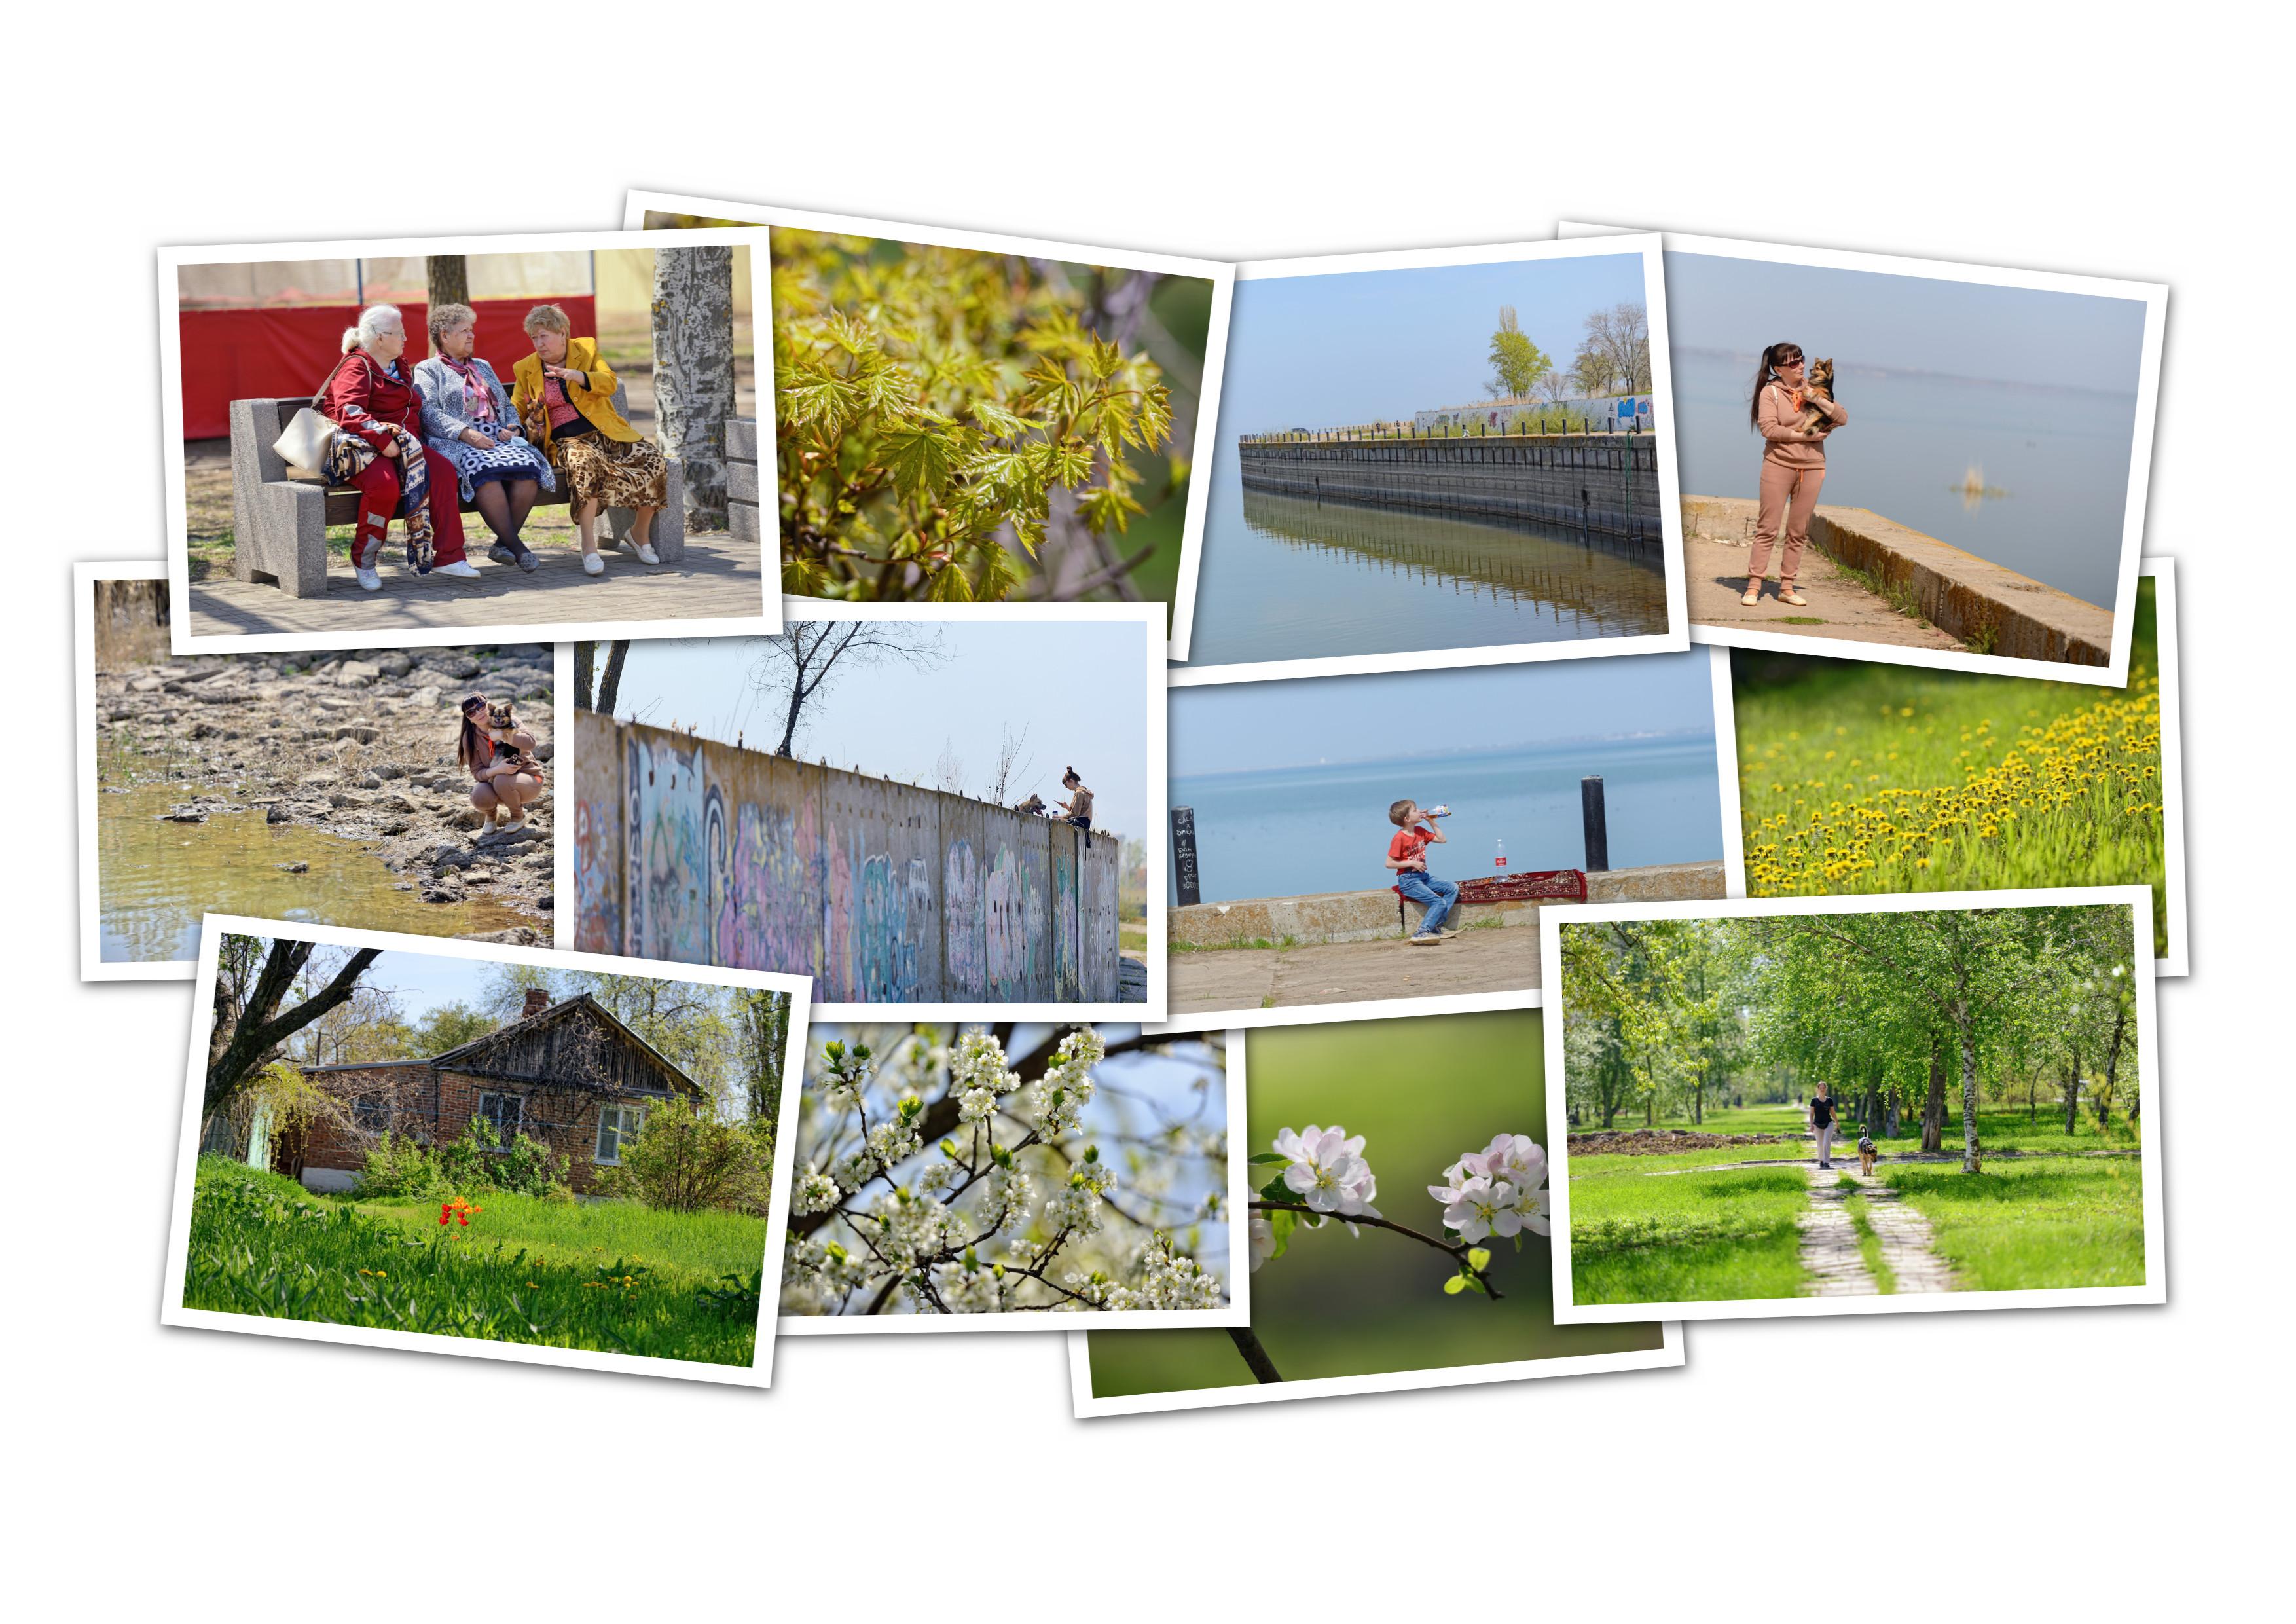 APC_Collage - 2021.05.04 07.08 - 001